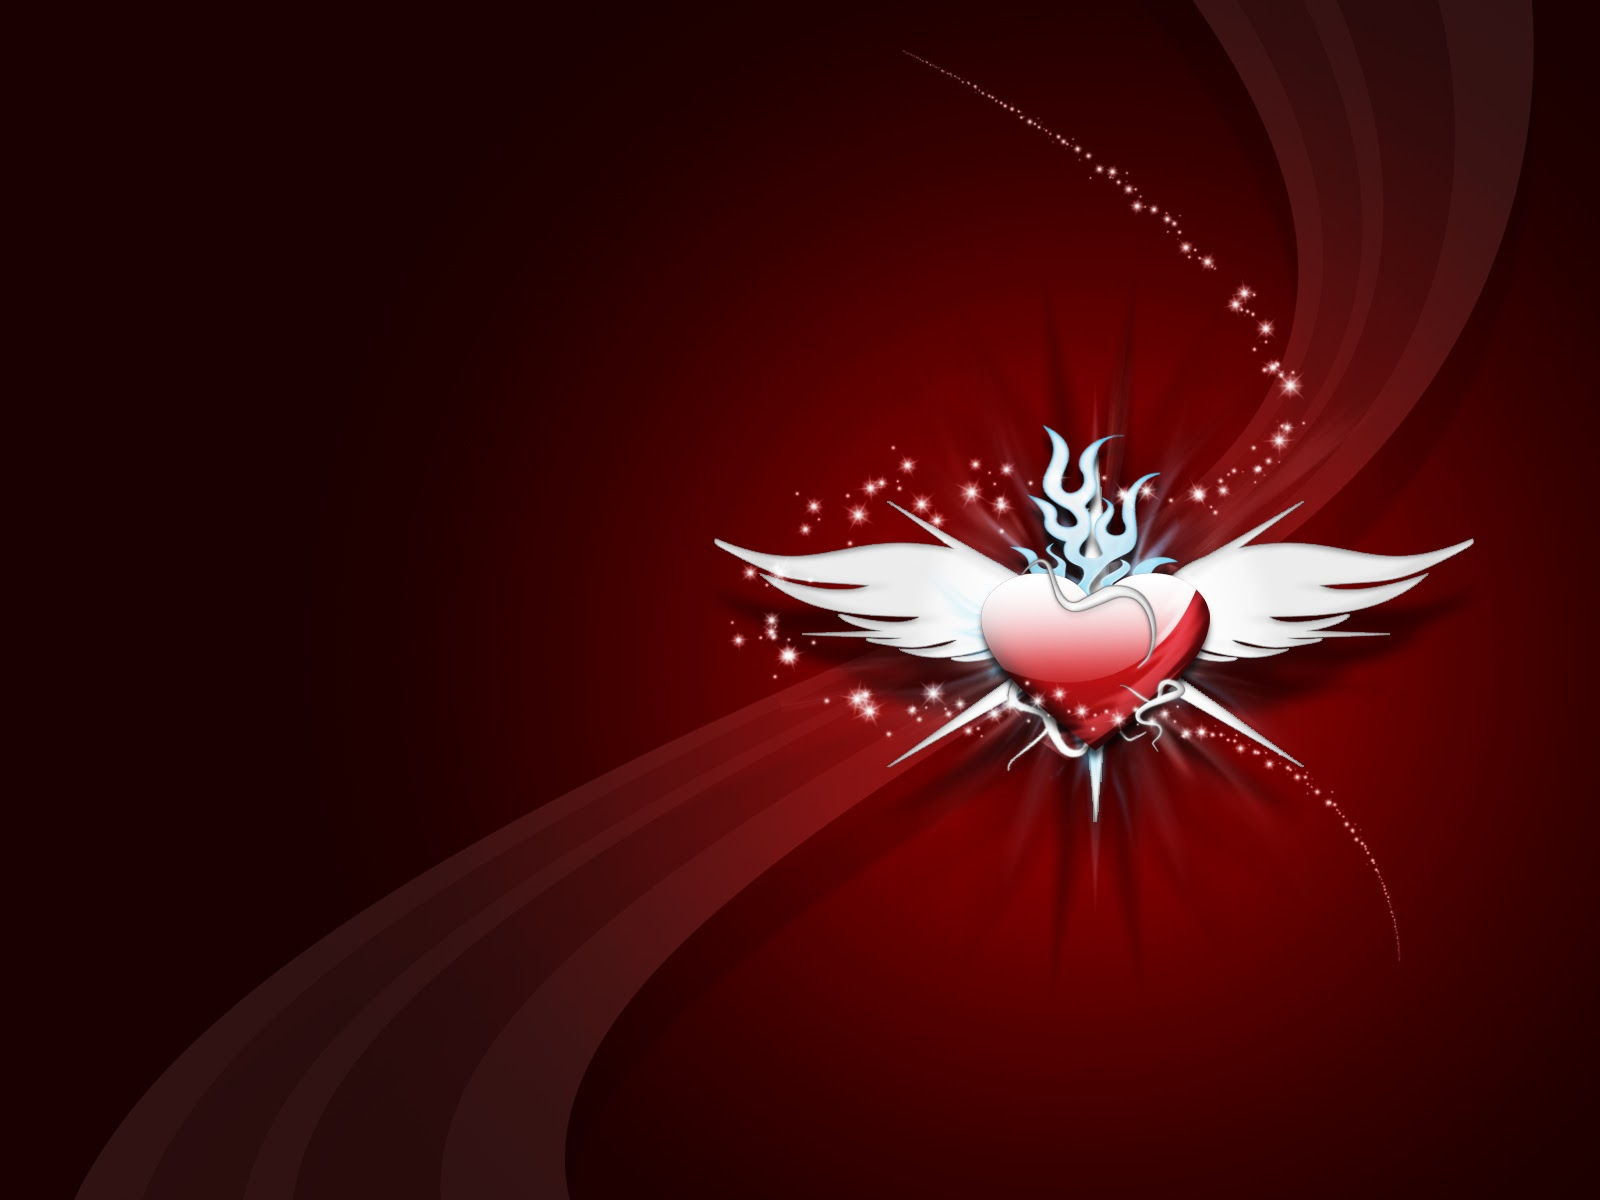 http://1.bp.blogspot.com/-TfS9sEyxxgw/TfjGpXw3WhI/AAAAAAAAAPM/iubWYu7Ws1g/s1600/Internet+Explorer+Wallpaper.bmp